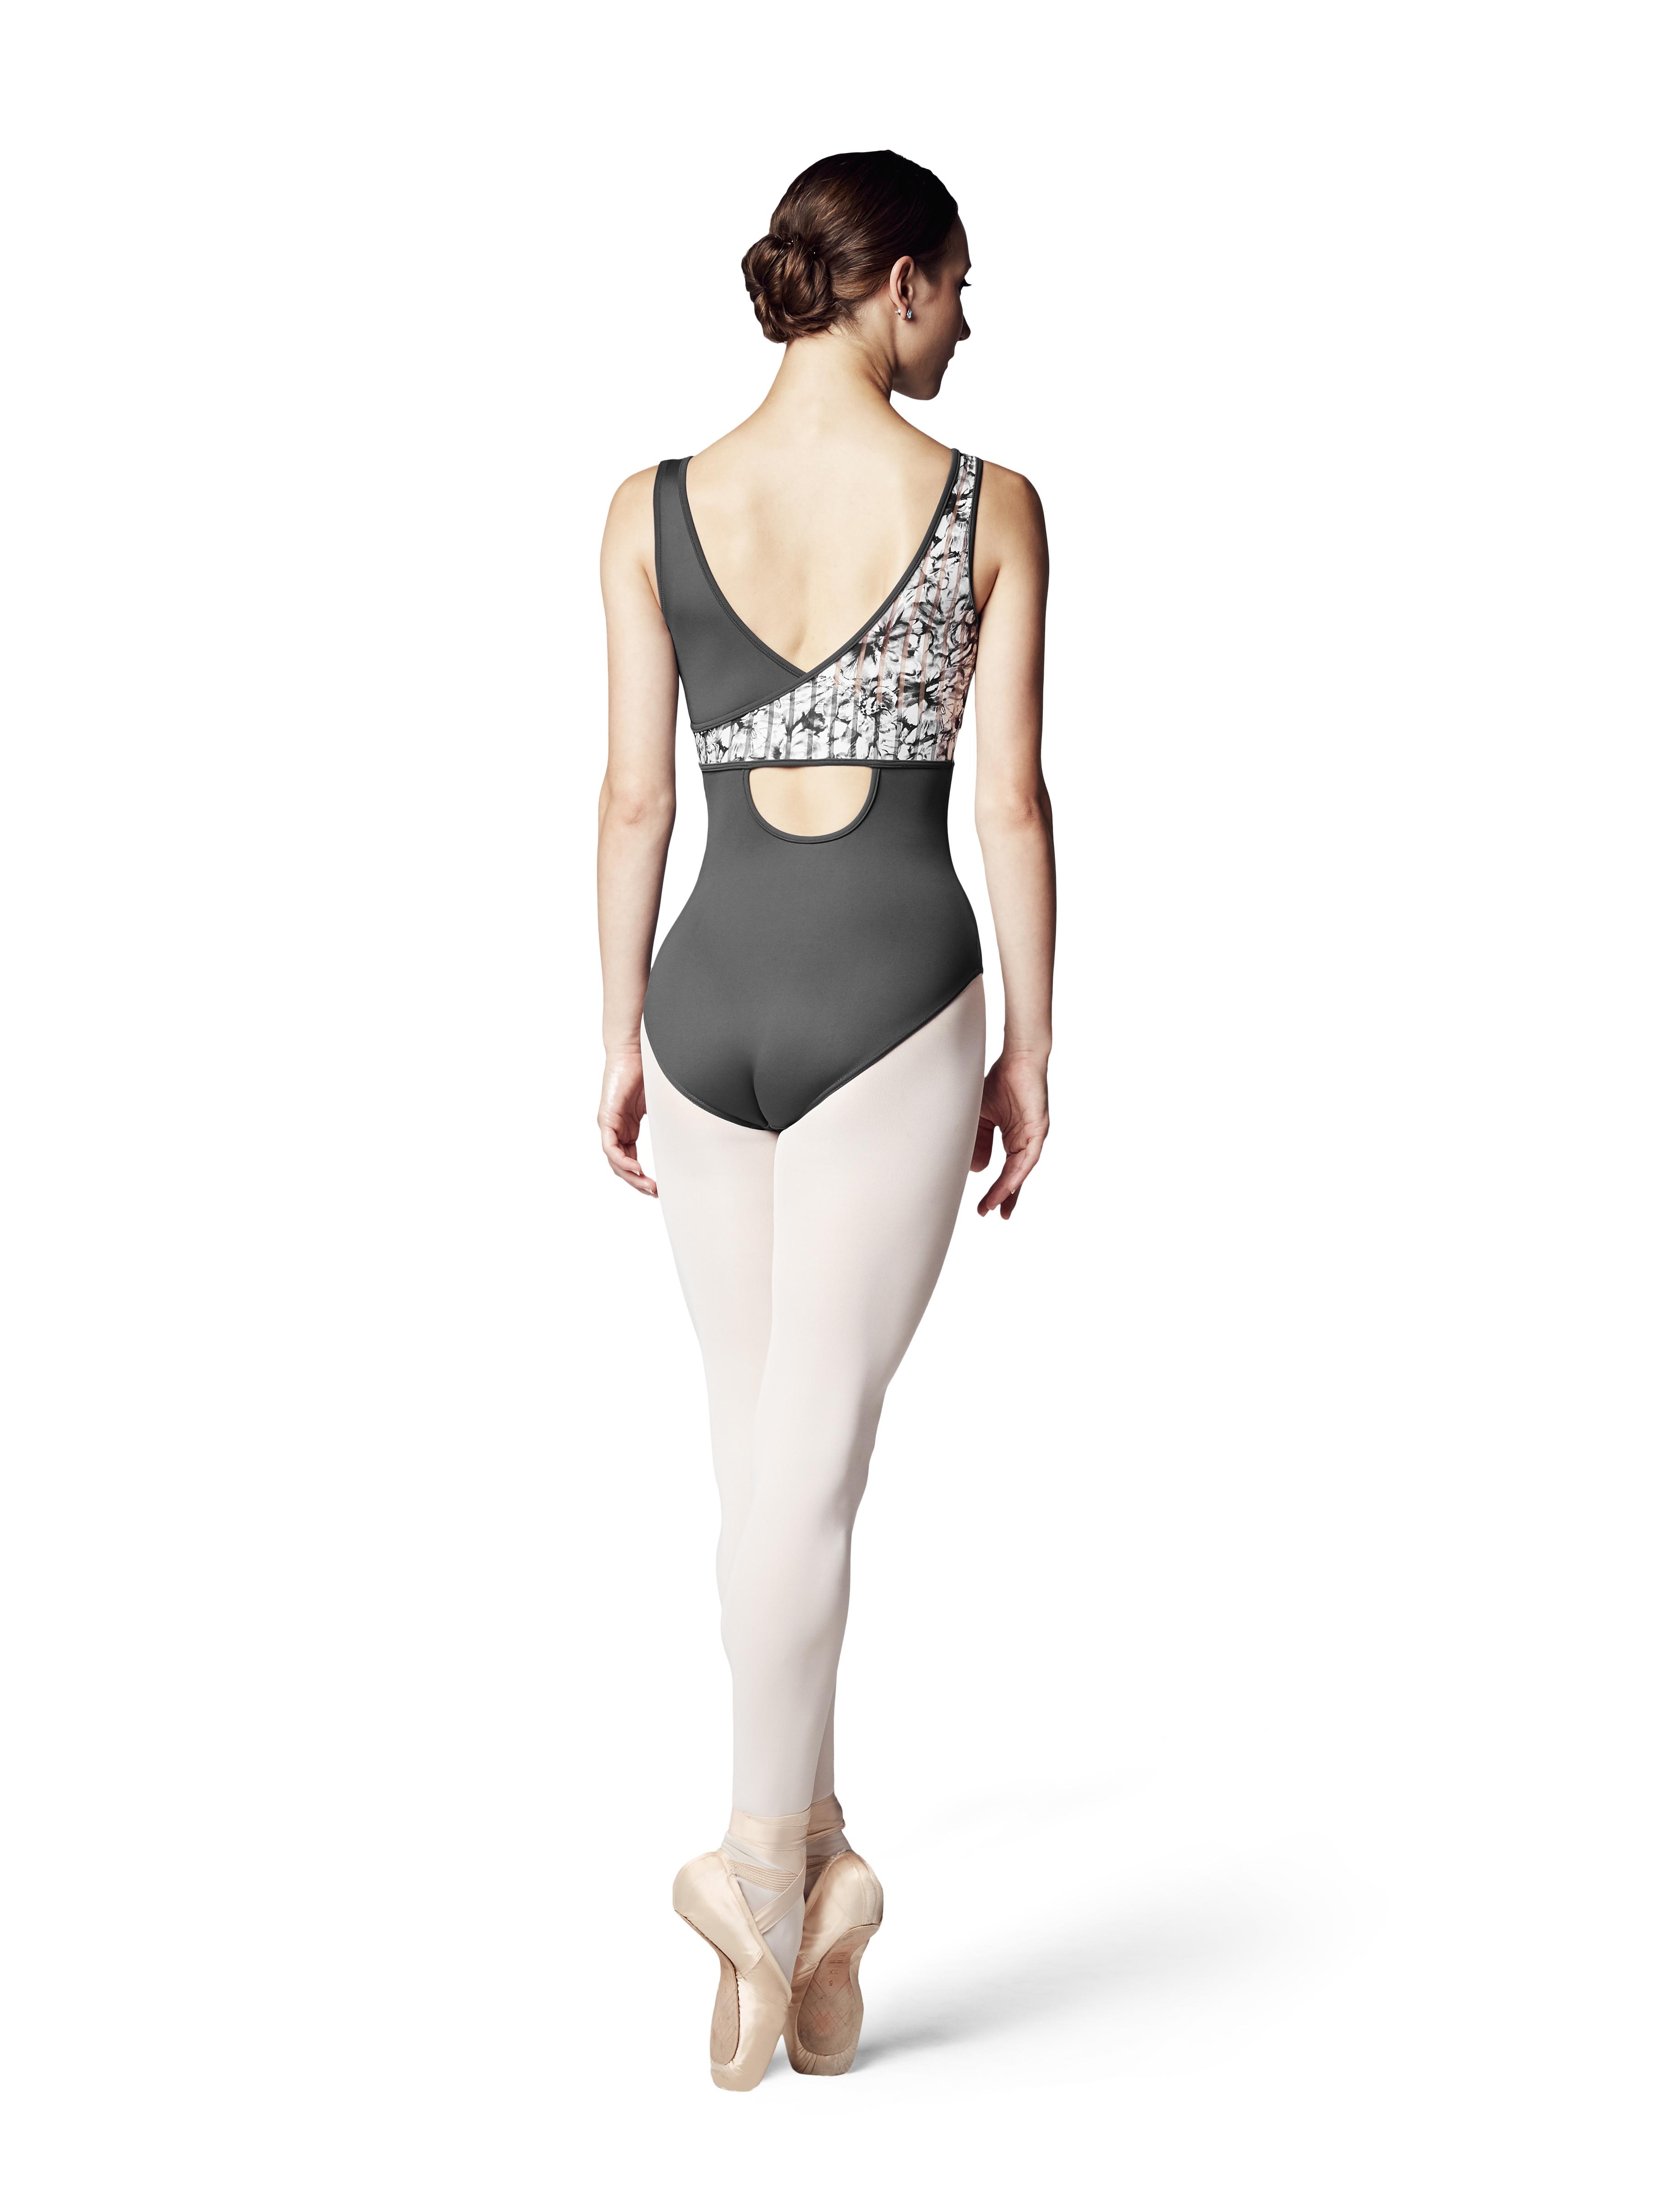 Arlo il  body Bloch Fashion  2018-19 con la stampa dei gigli  in due colorie lo scollo a V in offerta